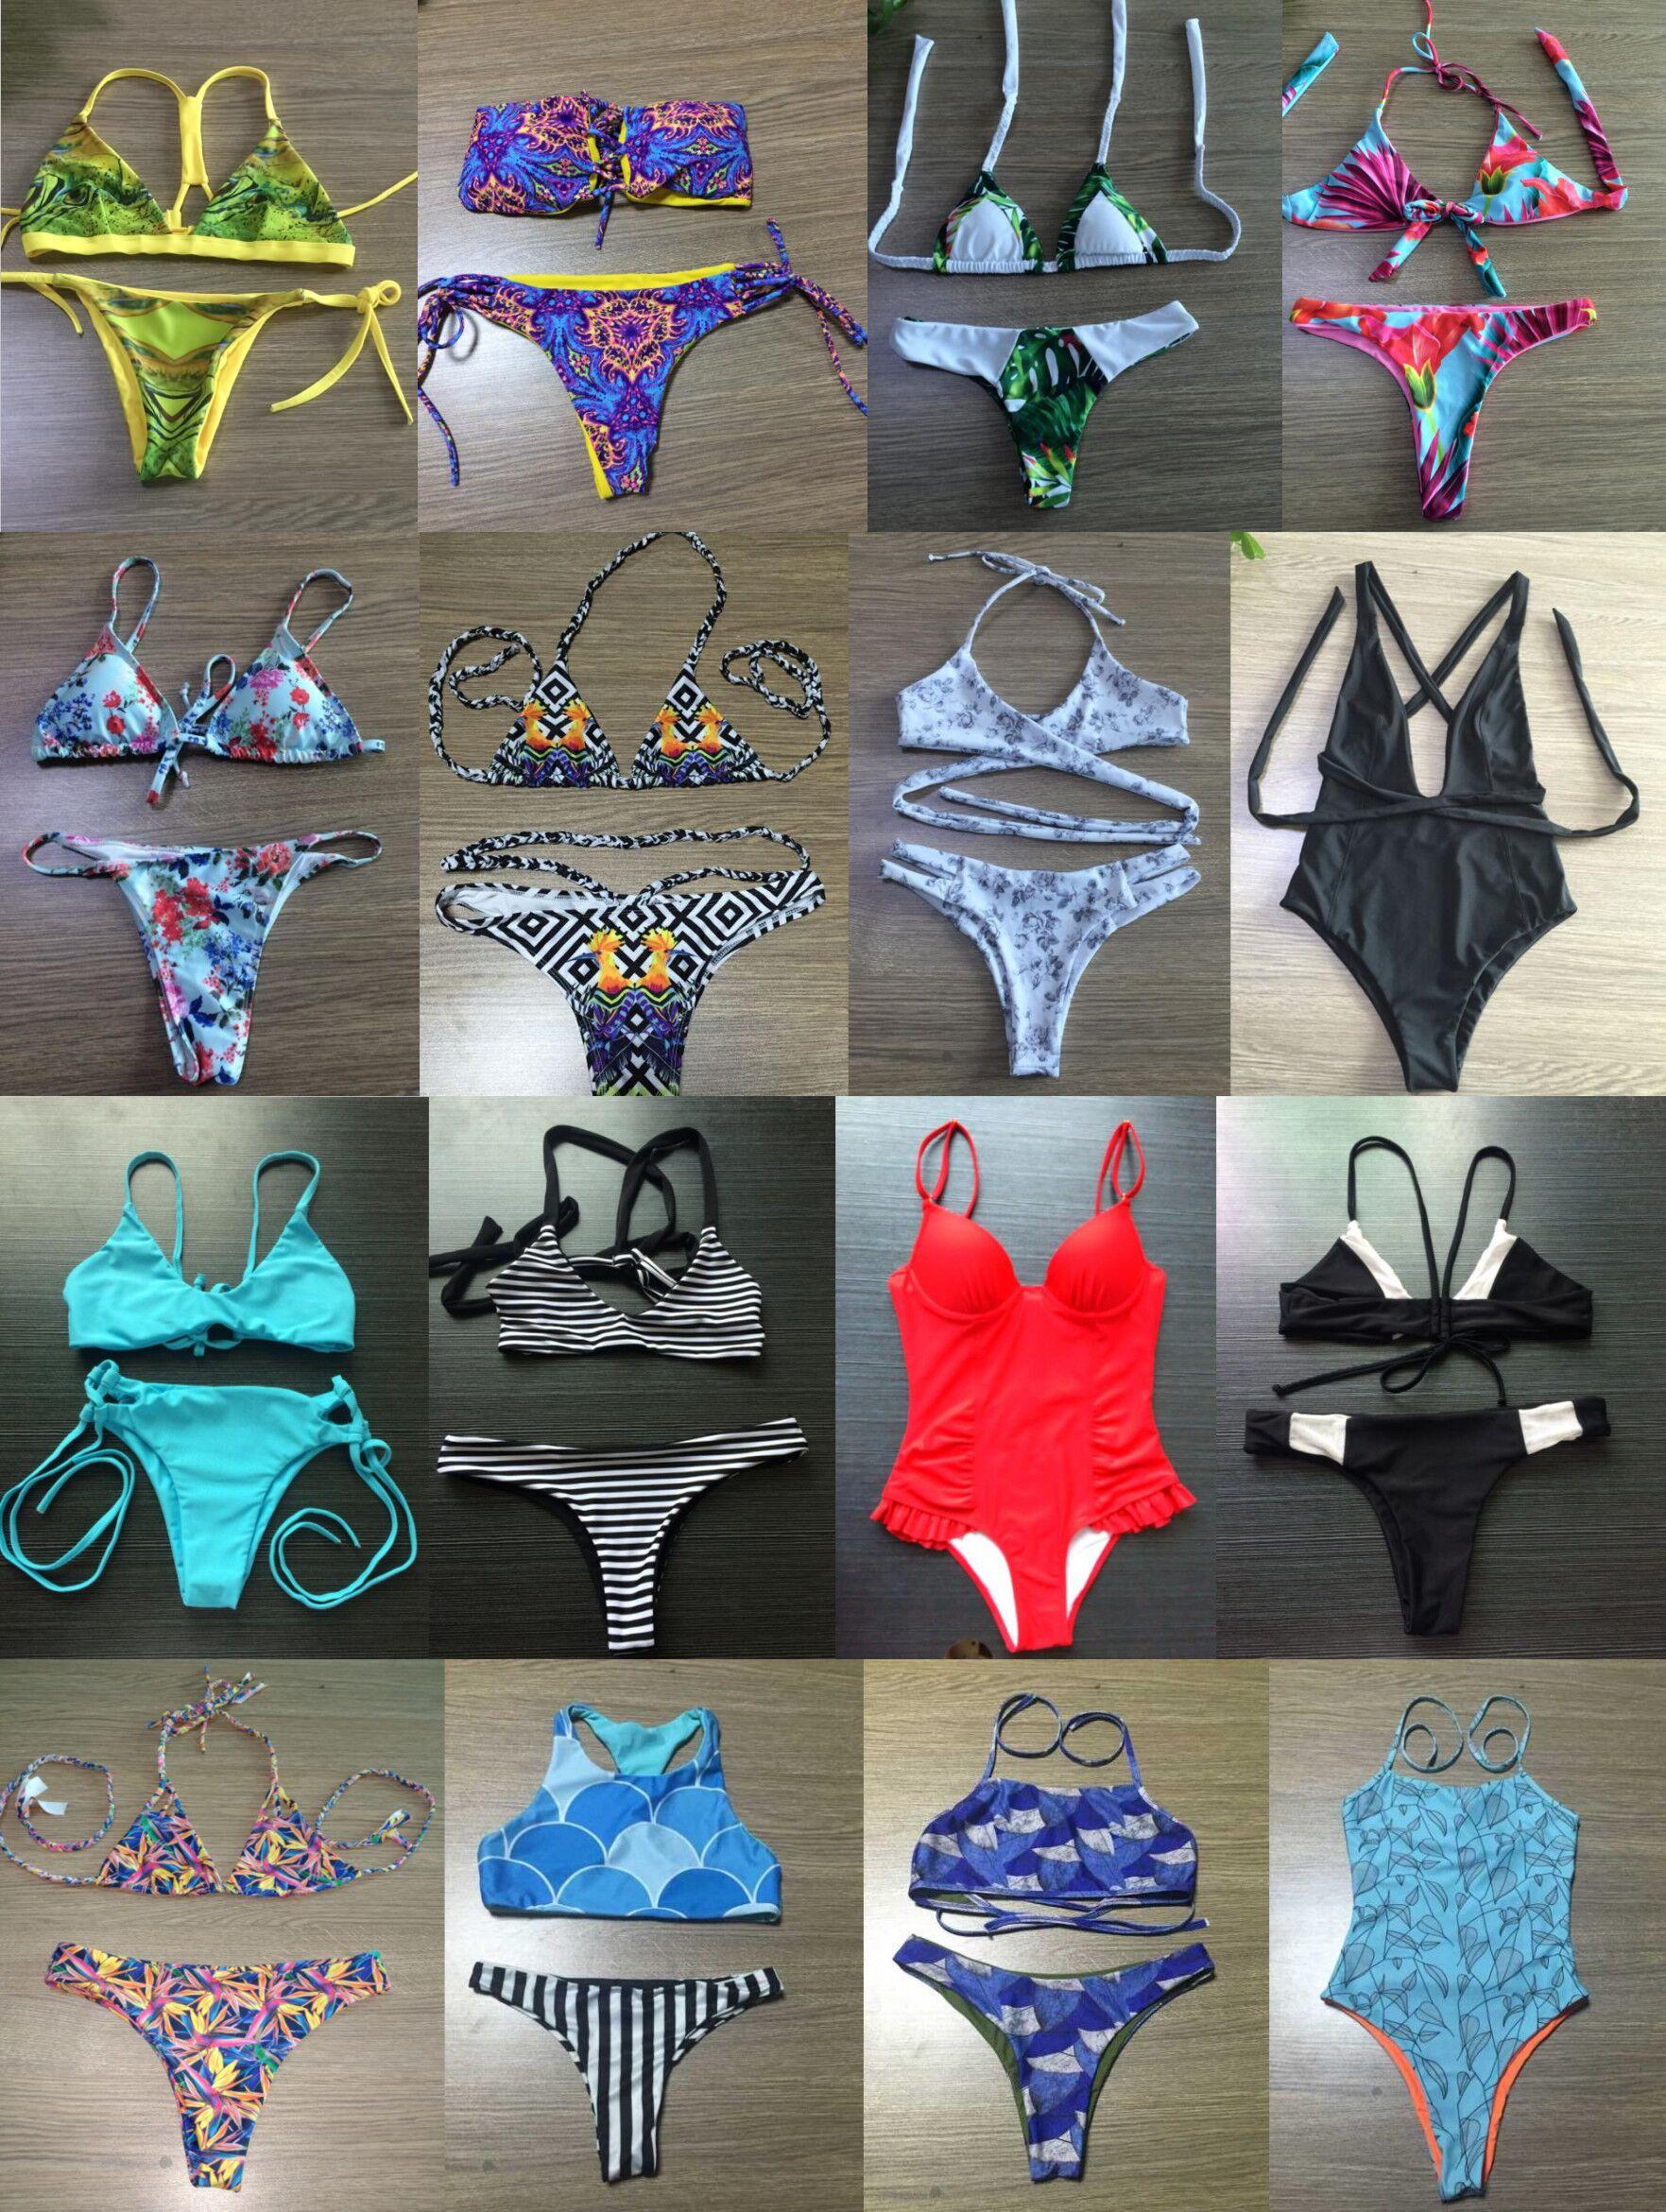 2019 स्ट्रिंग चरम माइक्रो त्रिकोण पेटी बिकनी महिलाओं प्रतिवर्ती Swimwear के निर्माता निजी लेबल कस्टम सेक्सी बिकनी Swimwear के